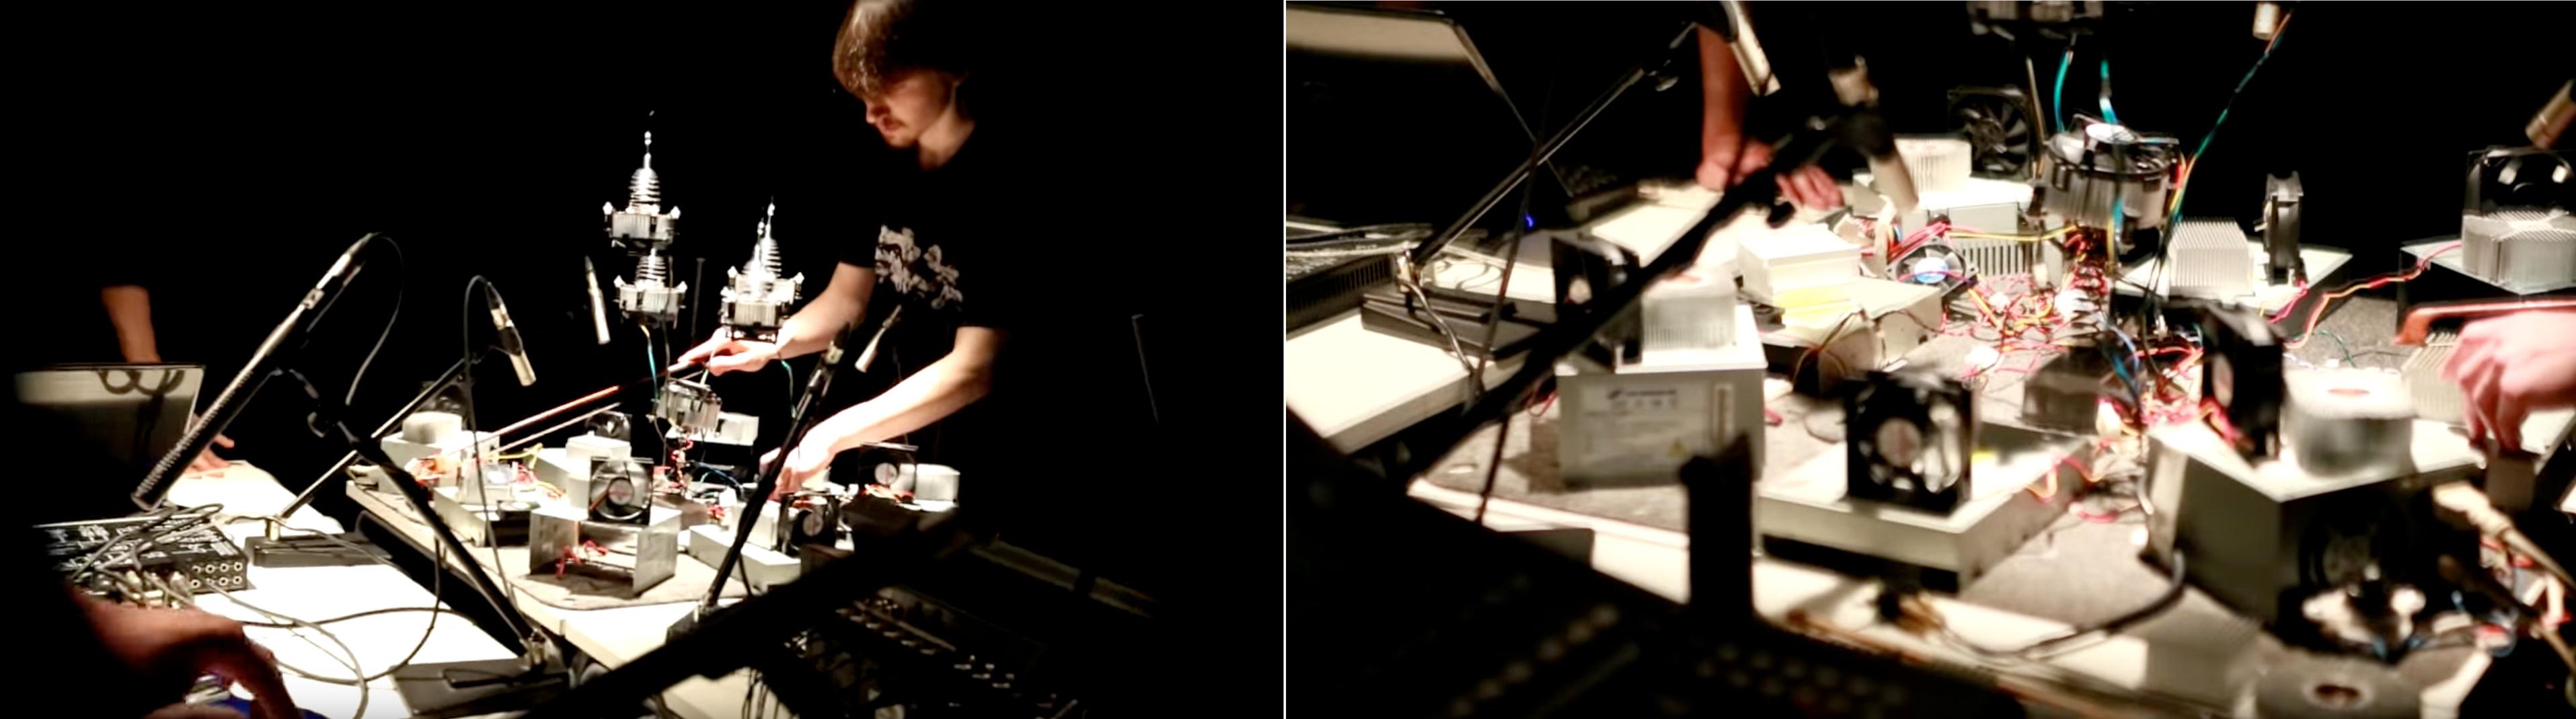 Борис Шершенков / Олег Макаров / Patrick K.-H., электроакустическая импровизация.Галерея Плавающего Звука.